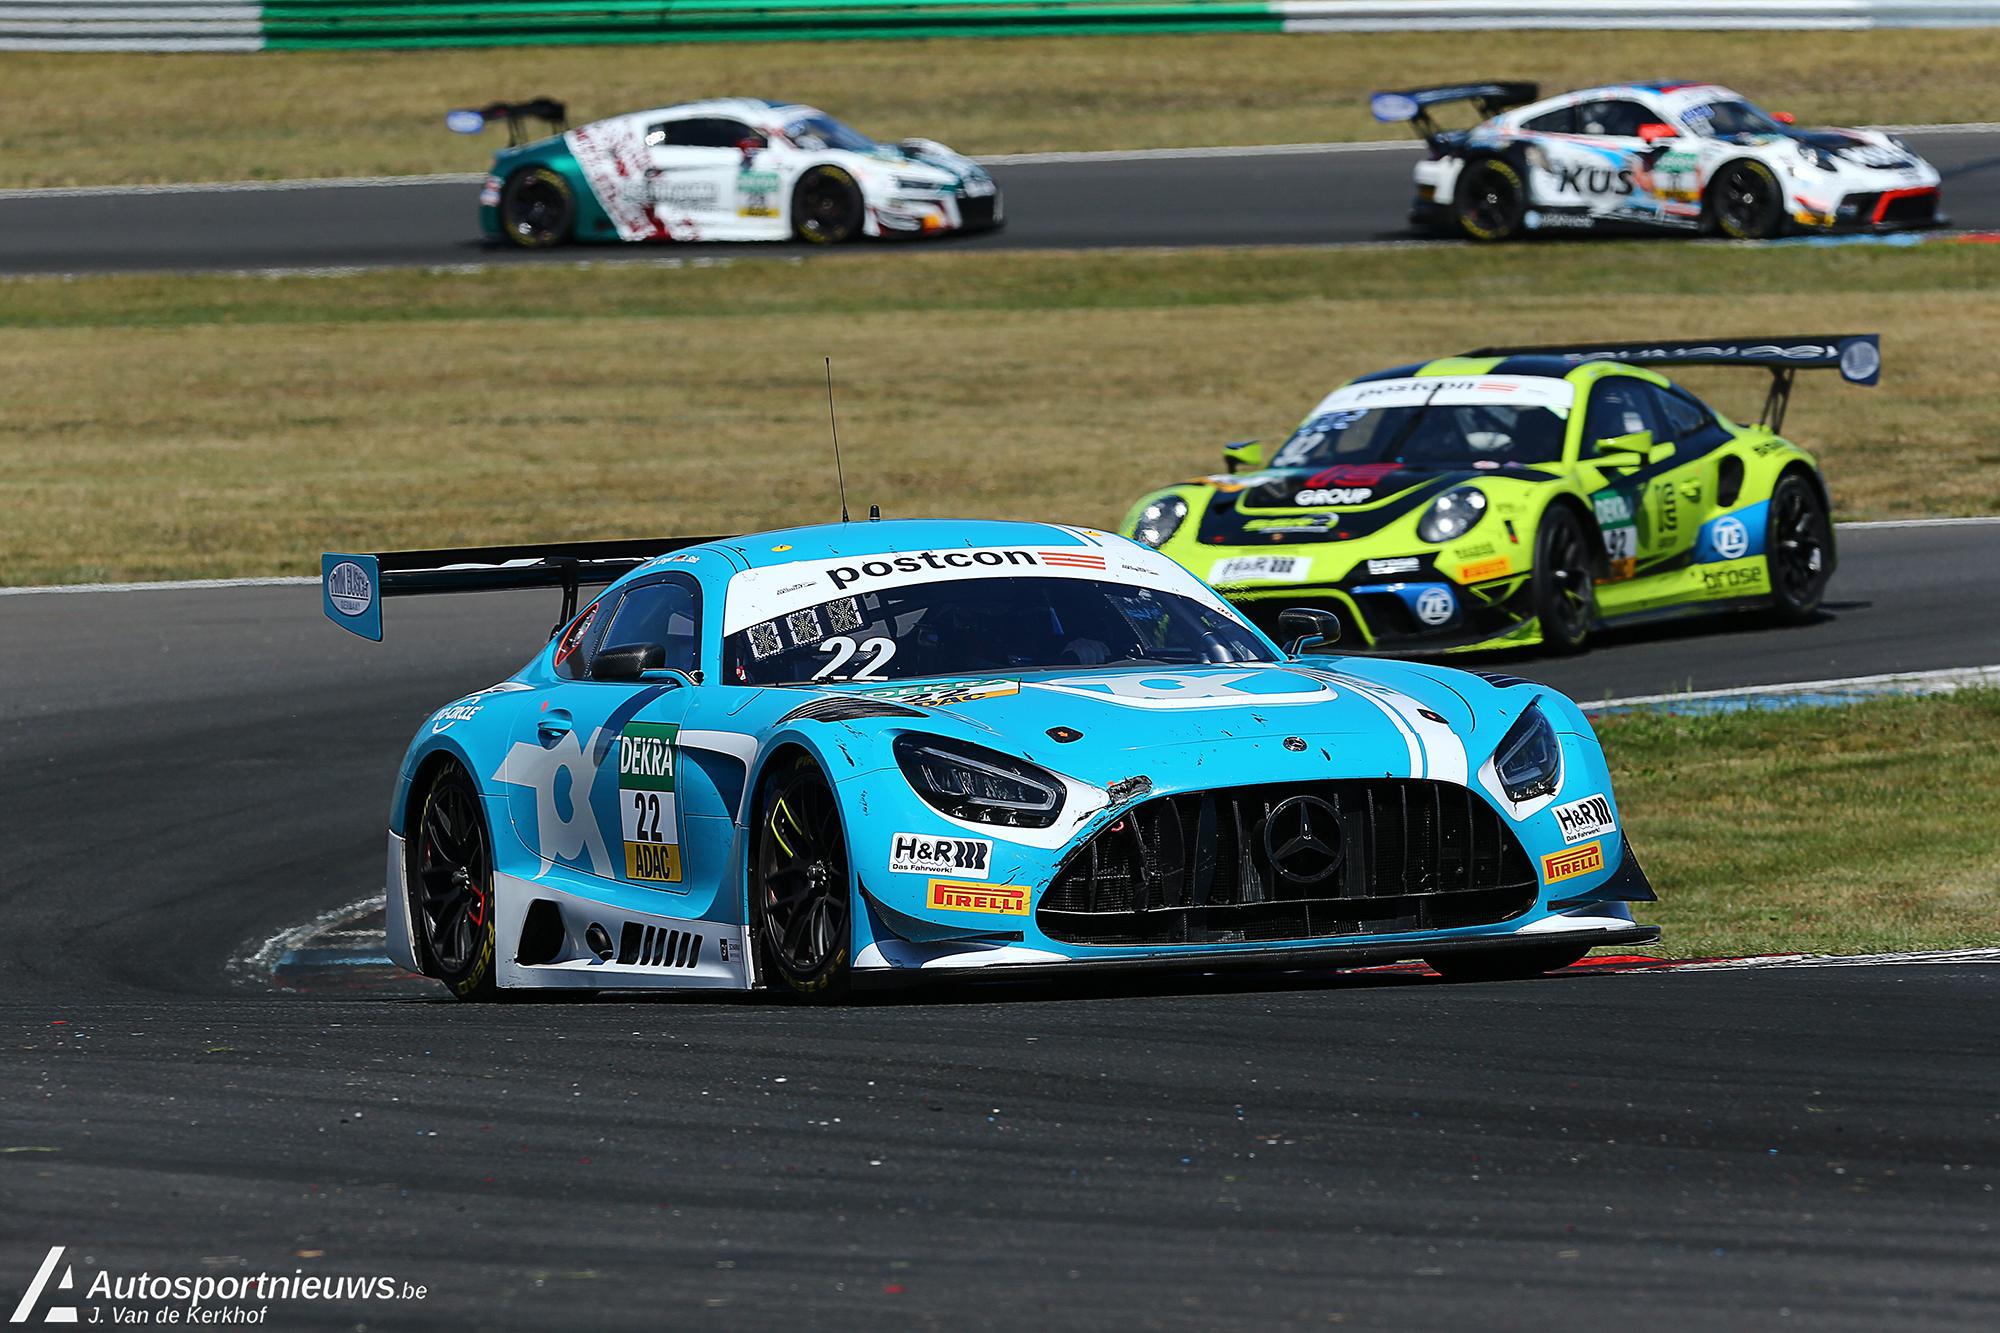 Spannende eerste race van het seizoen voor de ADAC GT Masters!